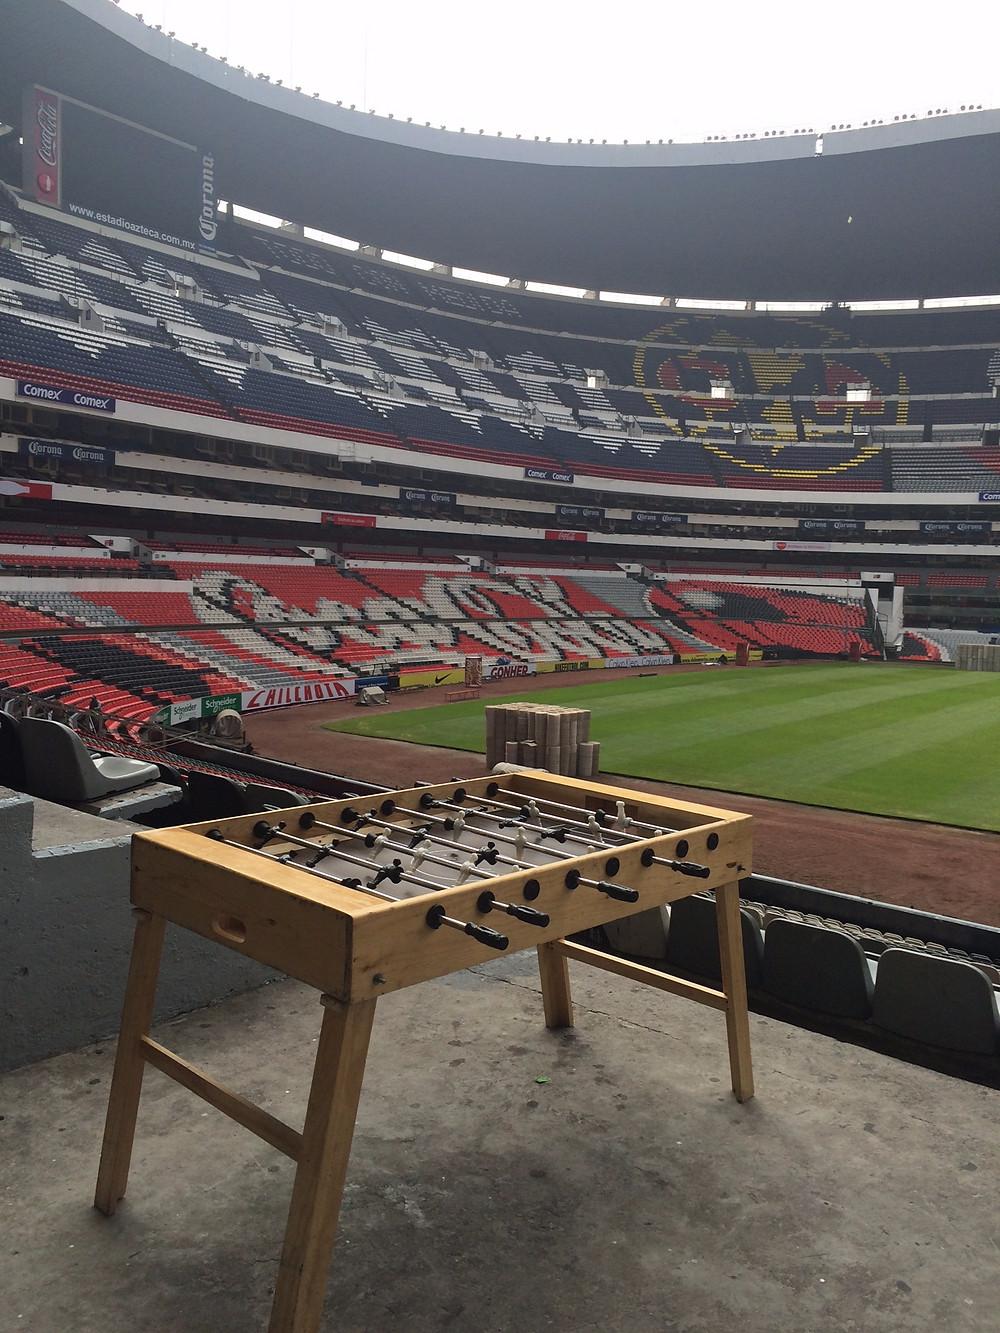 Renta de Futbolitos ® en el estadio Azteca